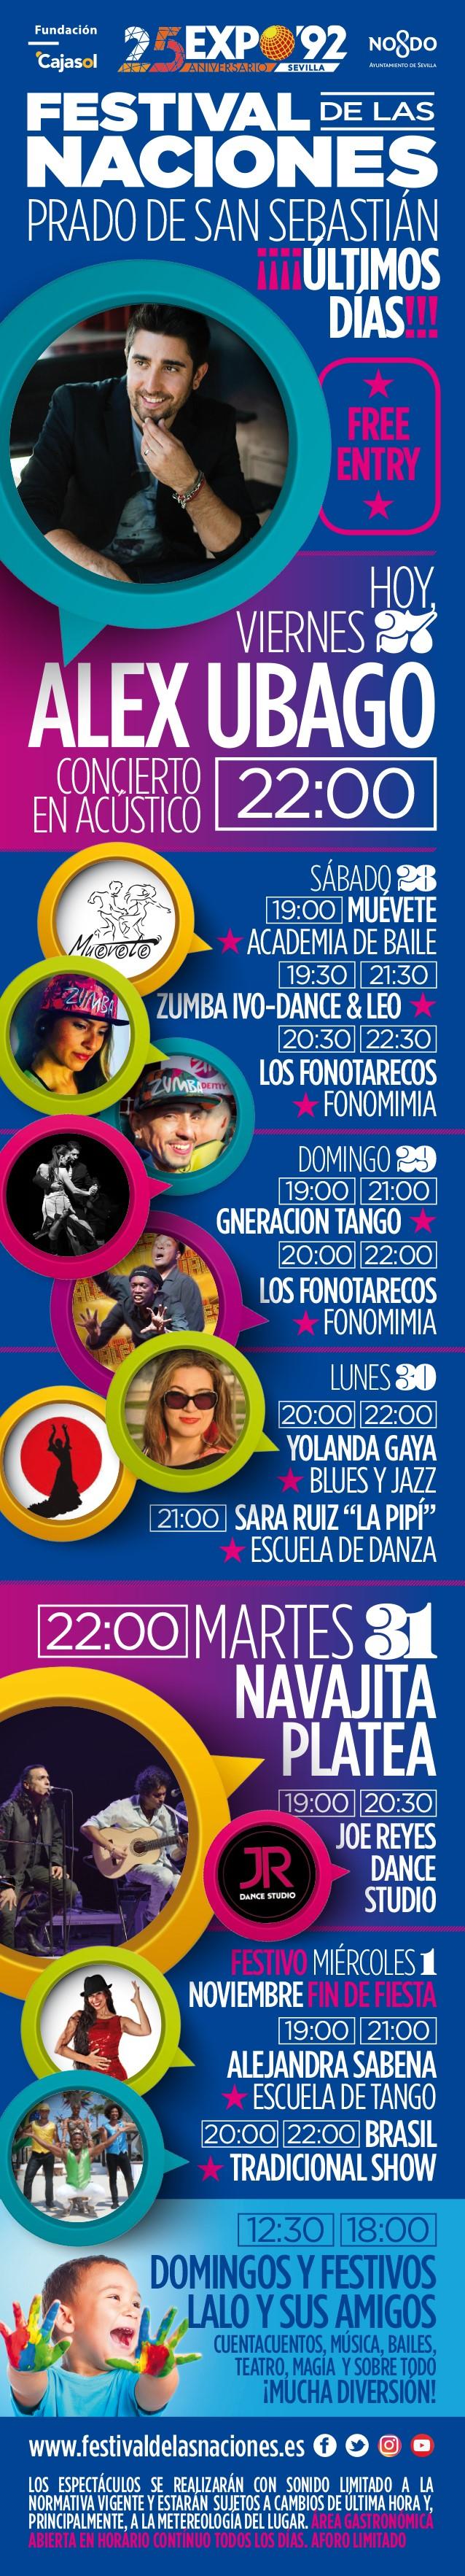 Programación Semana a Semana del Festival de las Naciones Sevilla 2017